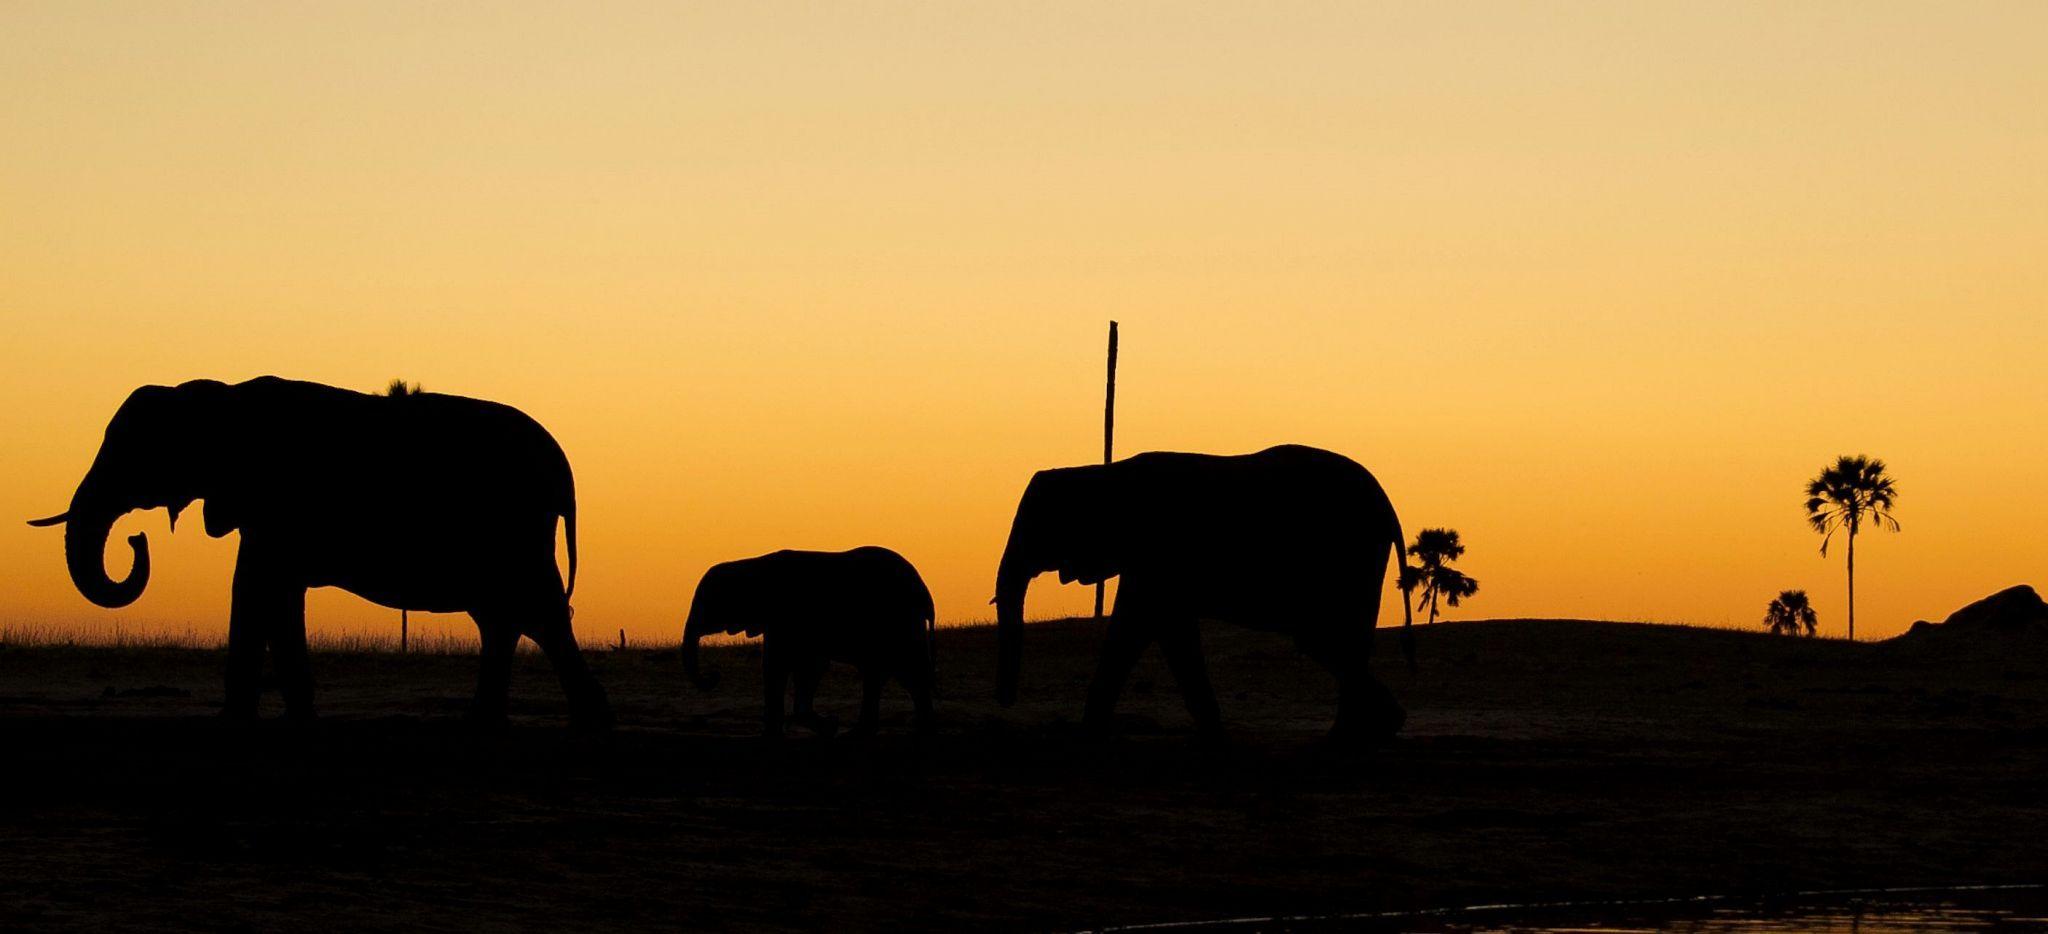 Die Silhoutten von drei Elephanten bei der Wanderung im Abendrot